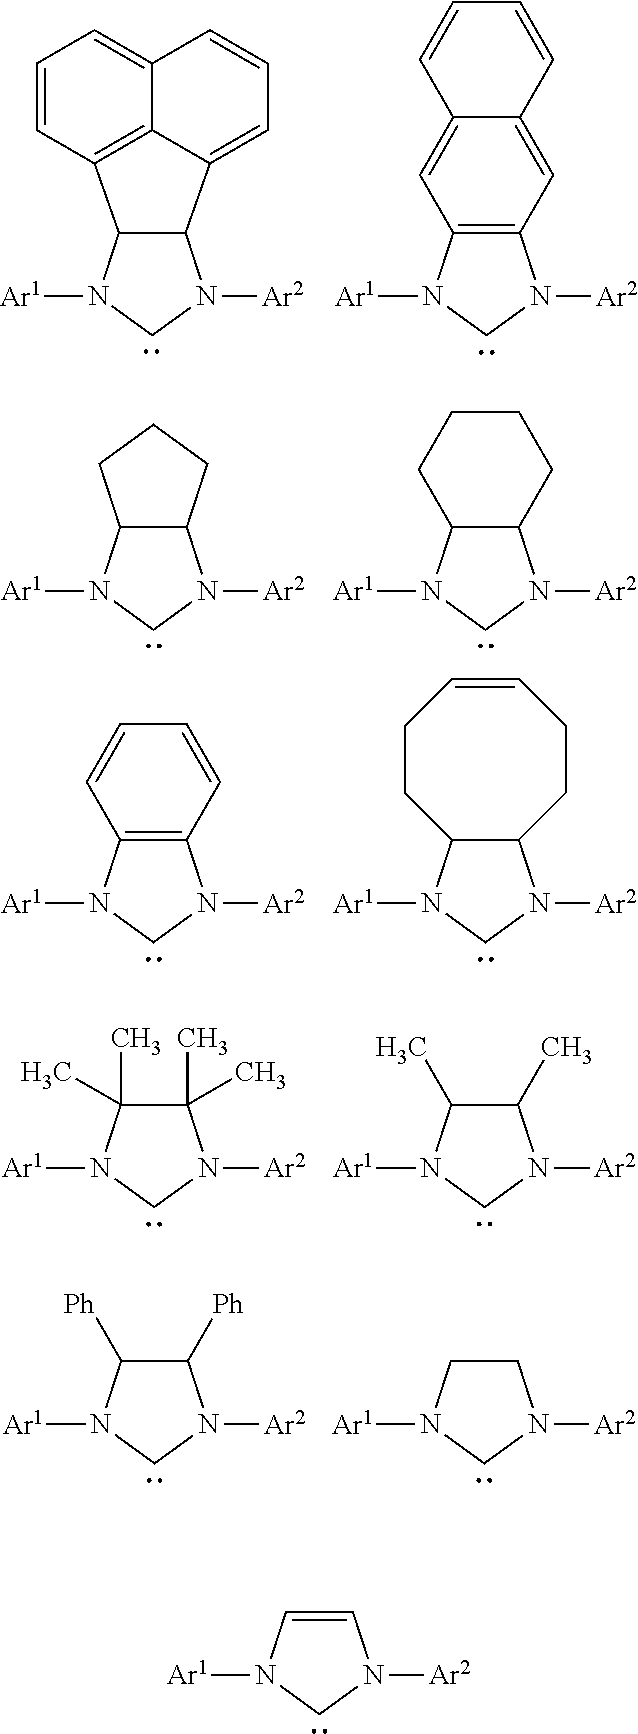 Figure US09255117-20160209-C00017